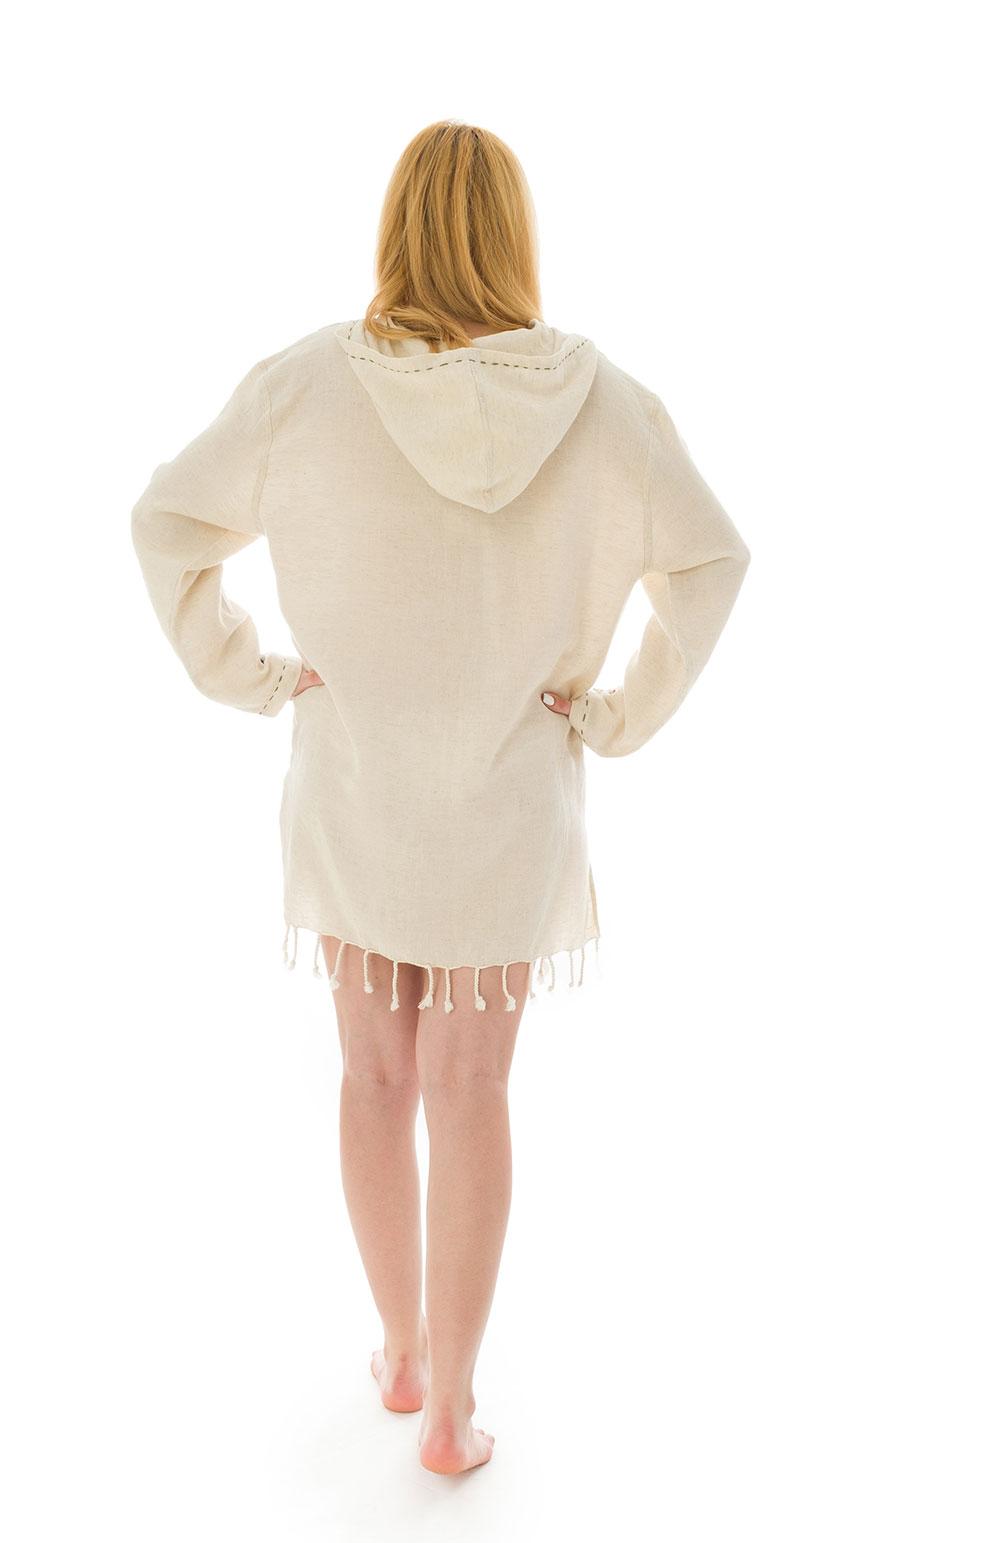 AMBRE BEACH DRESS - hand made